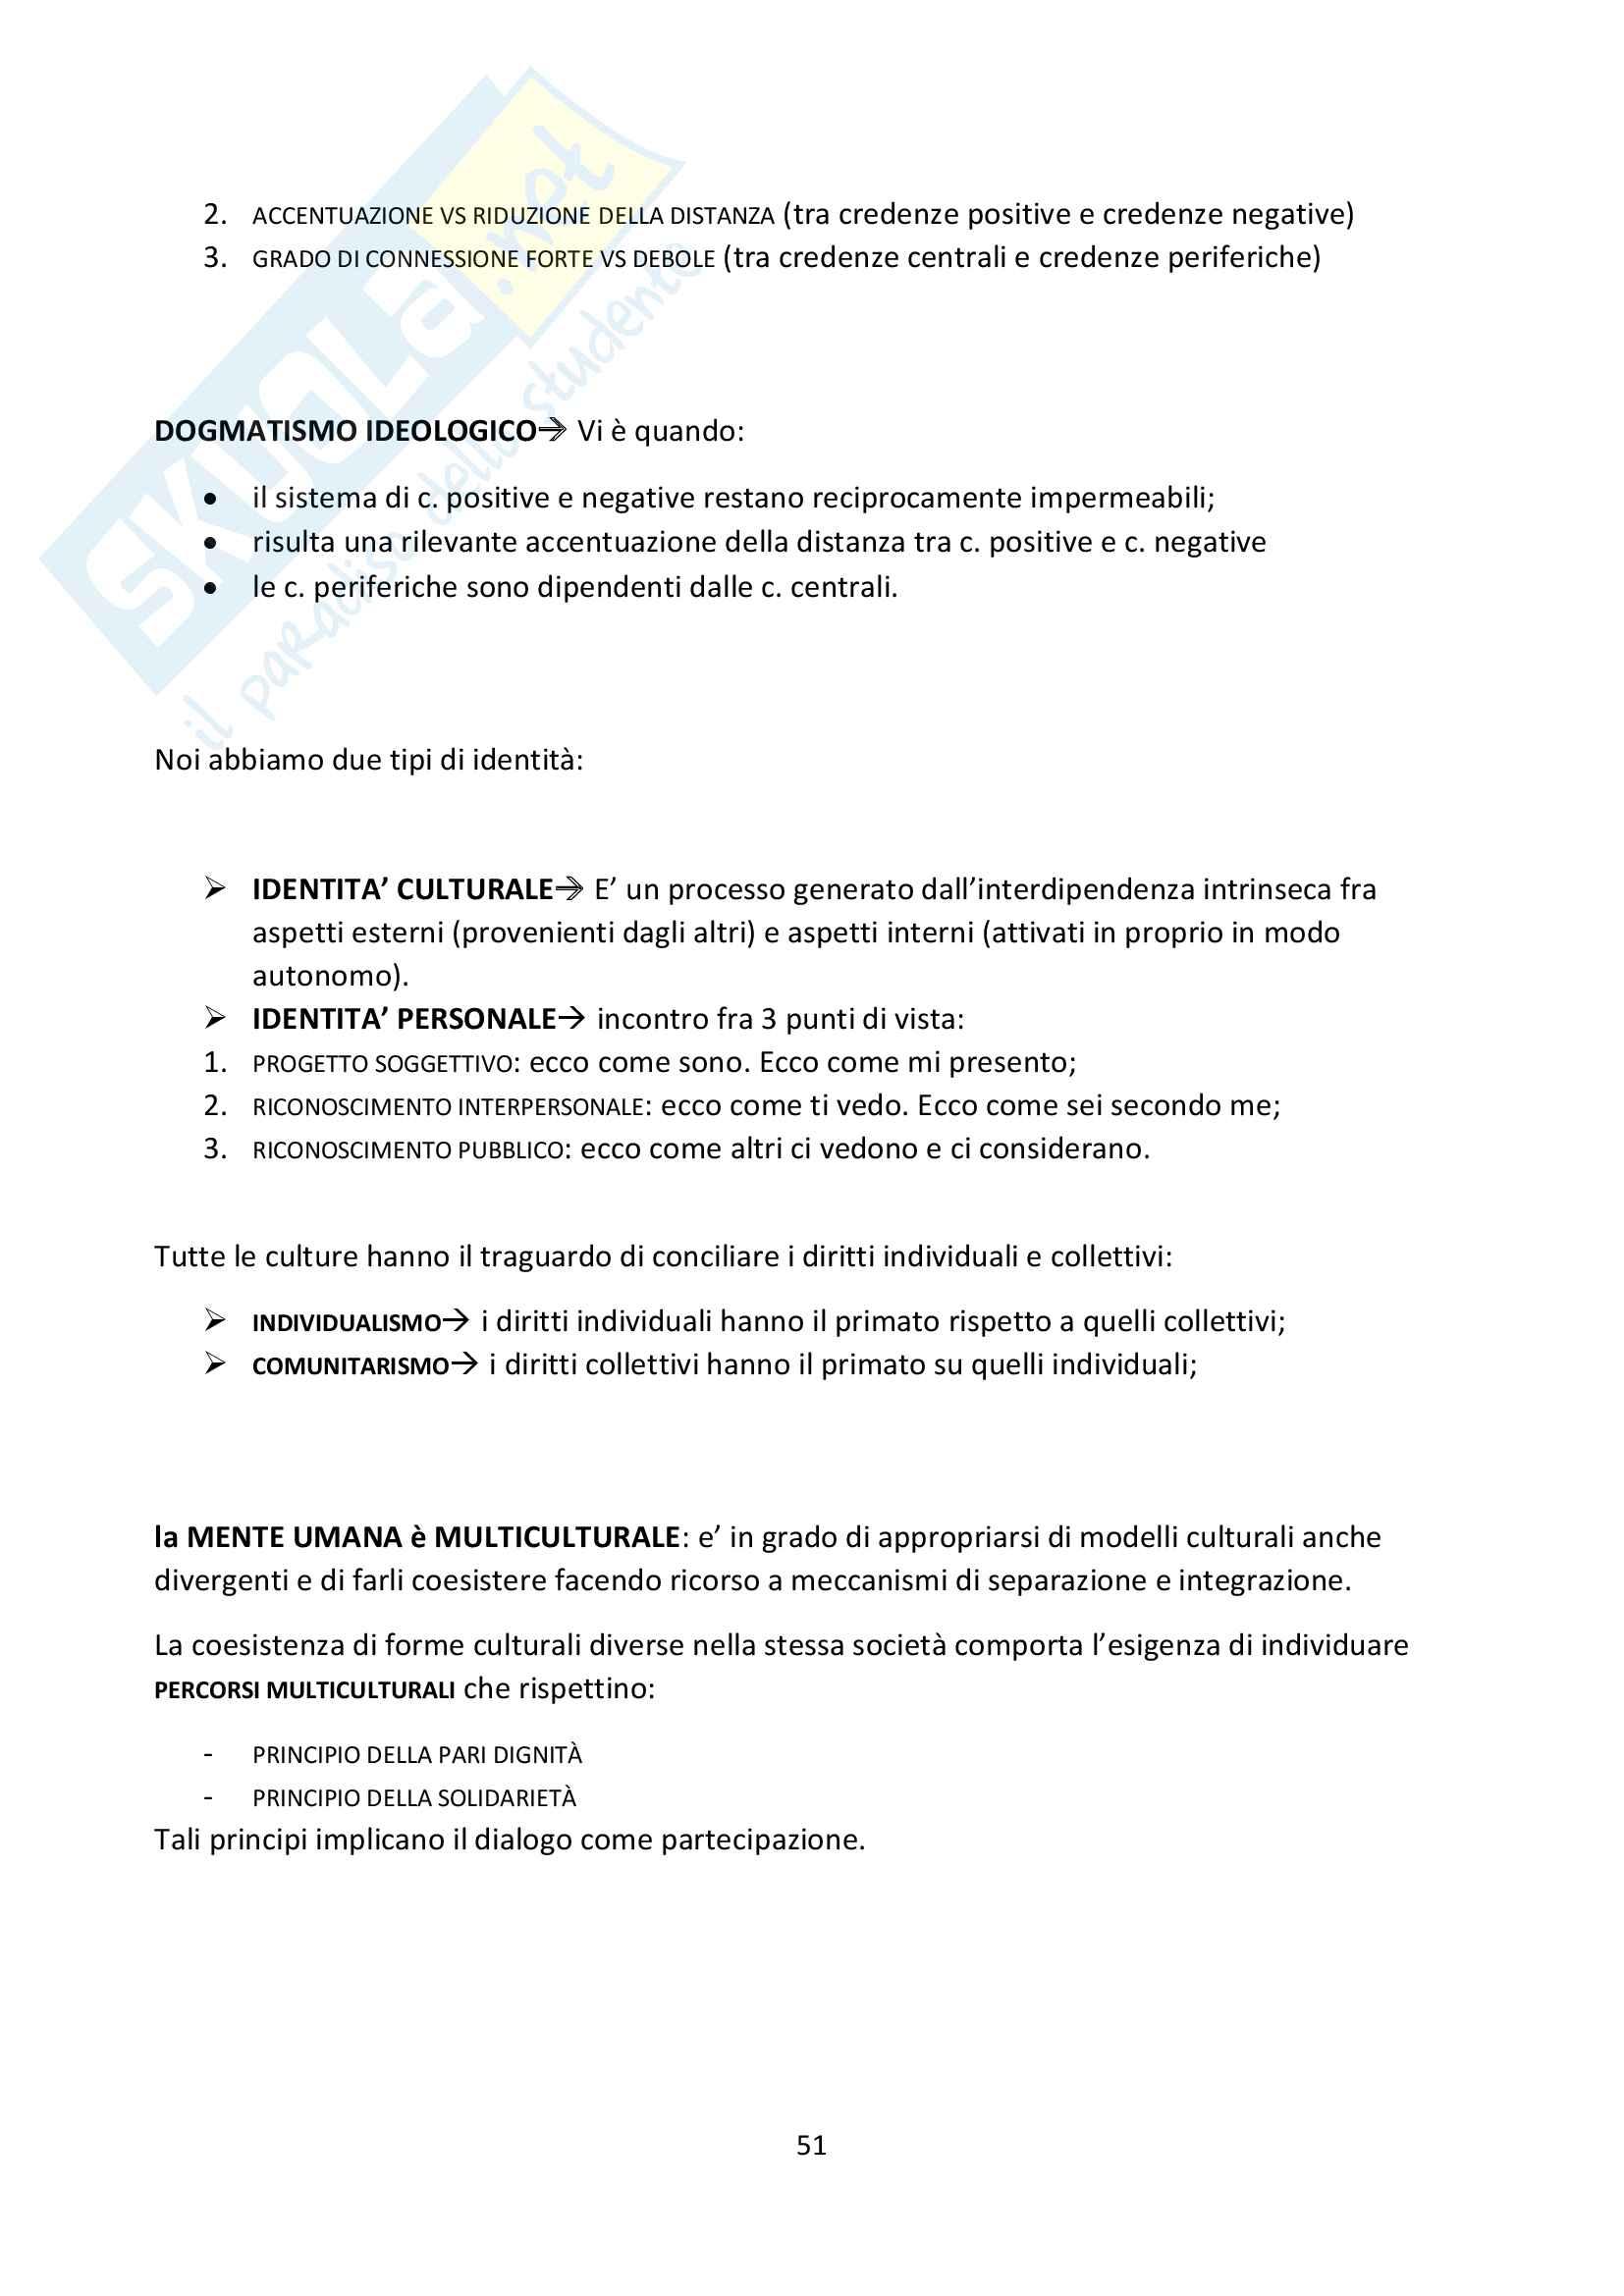 """Riassunto esame Psicologia Generale, docente Federici, libro consigliato """"Psicologia Generale"""" di L. Anolli e P. Legrenzi Pag. 51"""